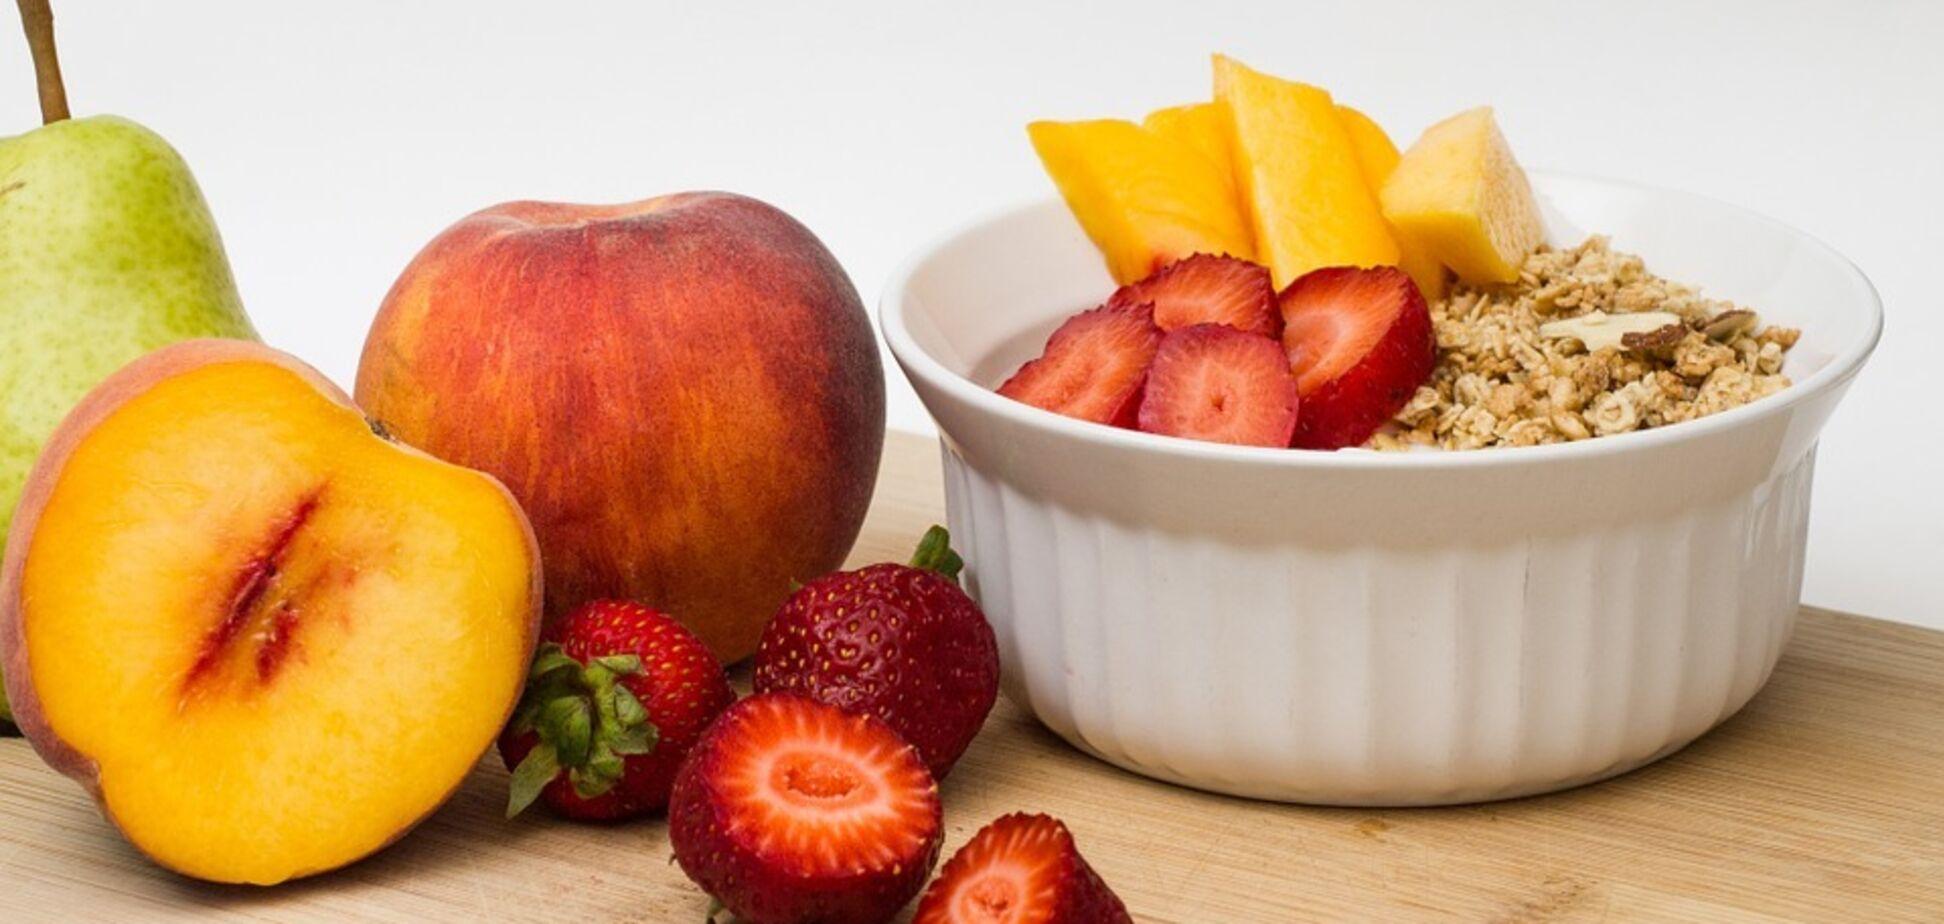 Персик виділяється серед інших фруктів